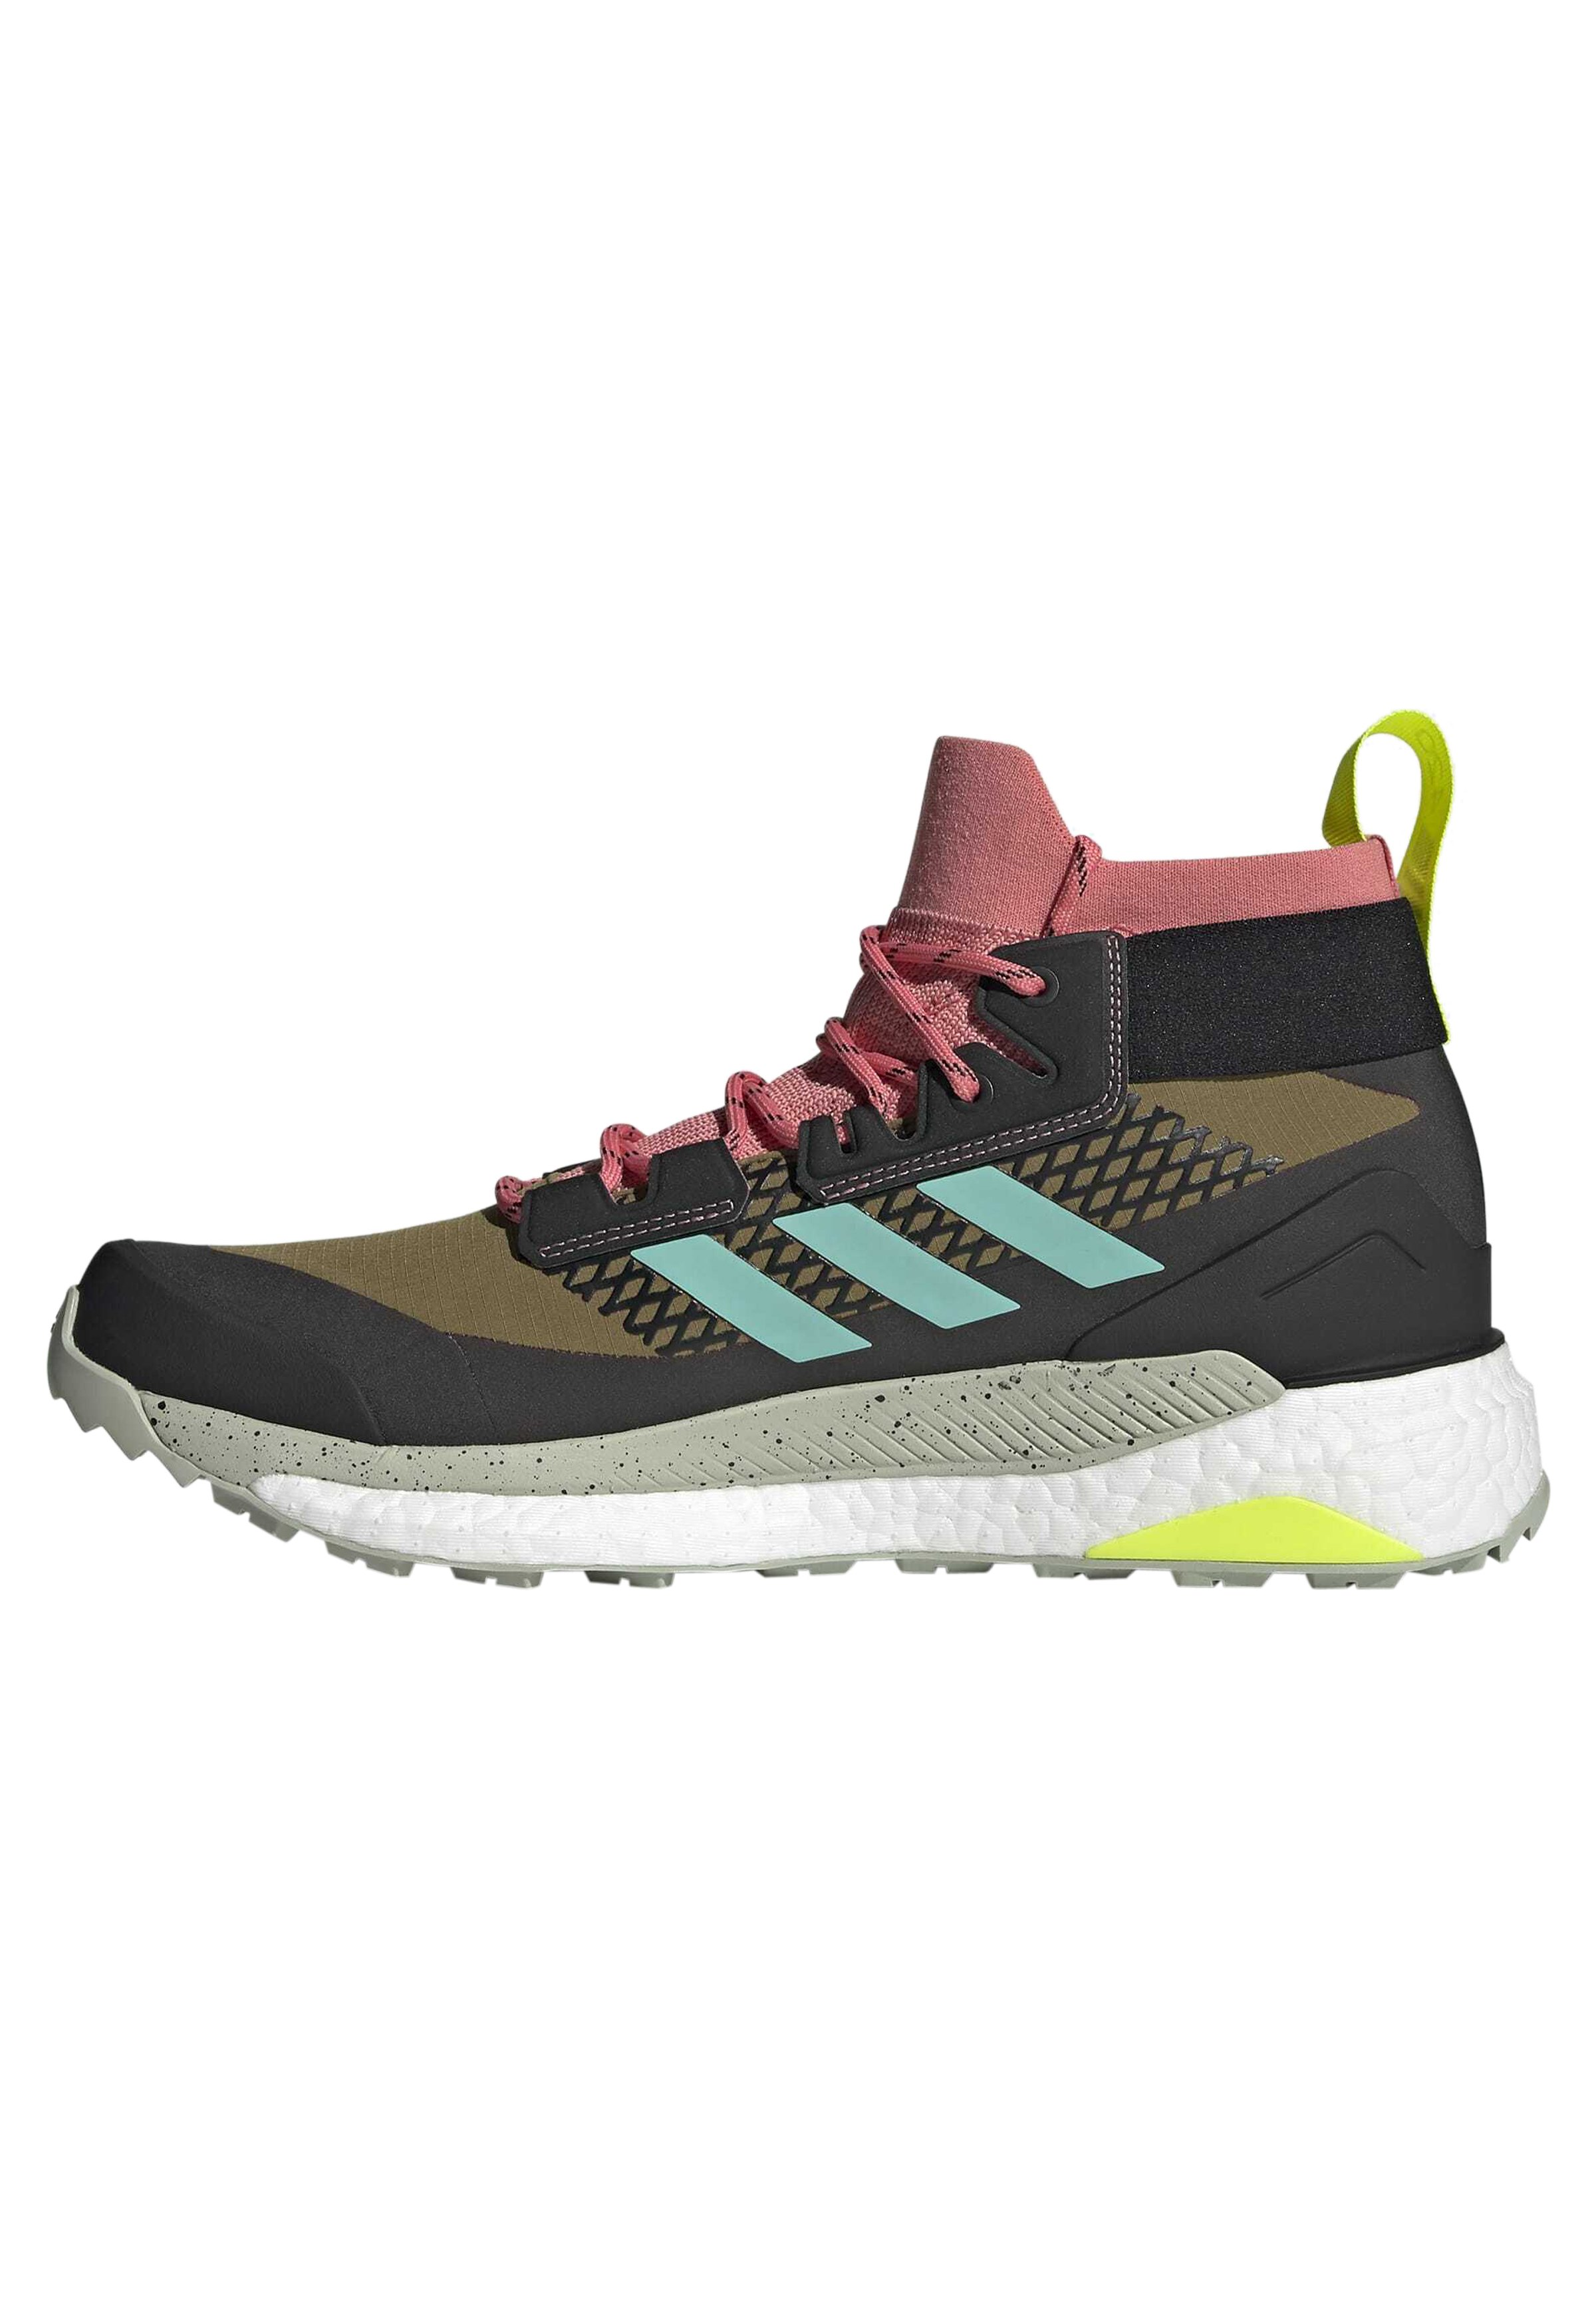 Women TERREX FREE HIKER GORE-TEX WANDERSCHUH - Hiking shoes